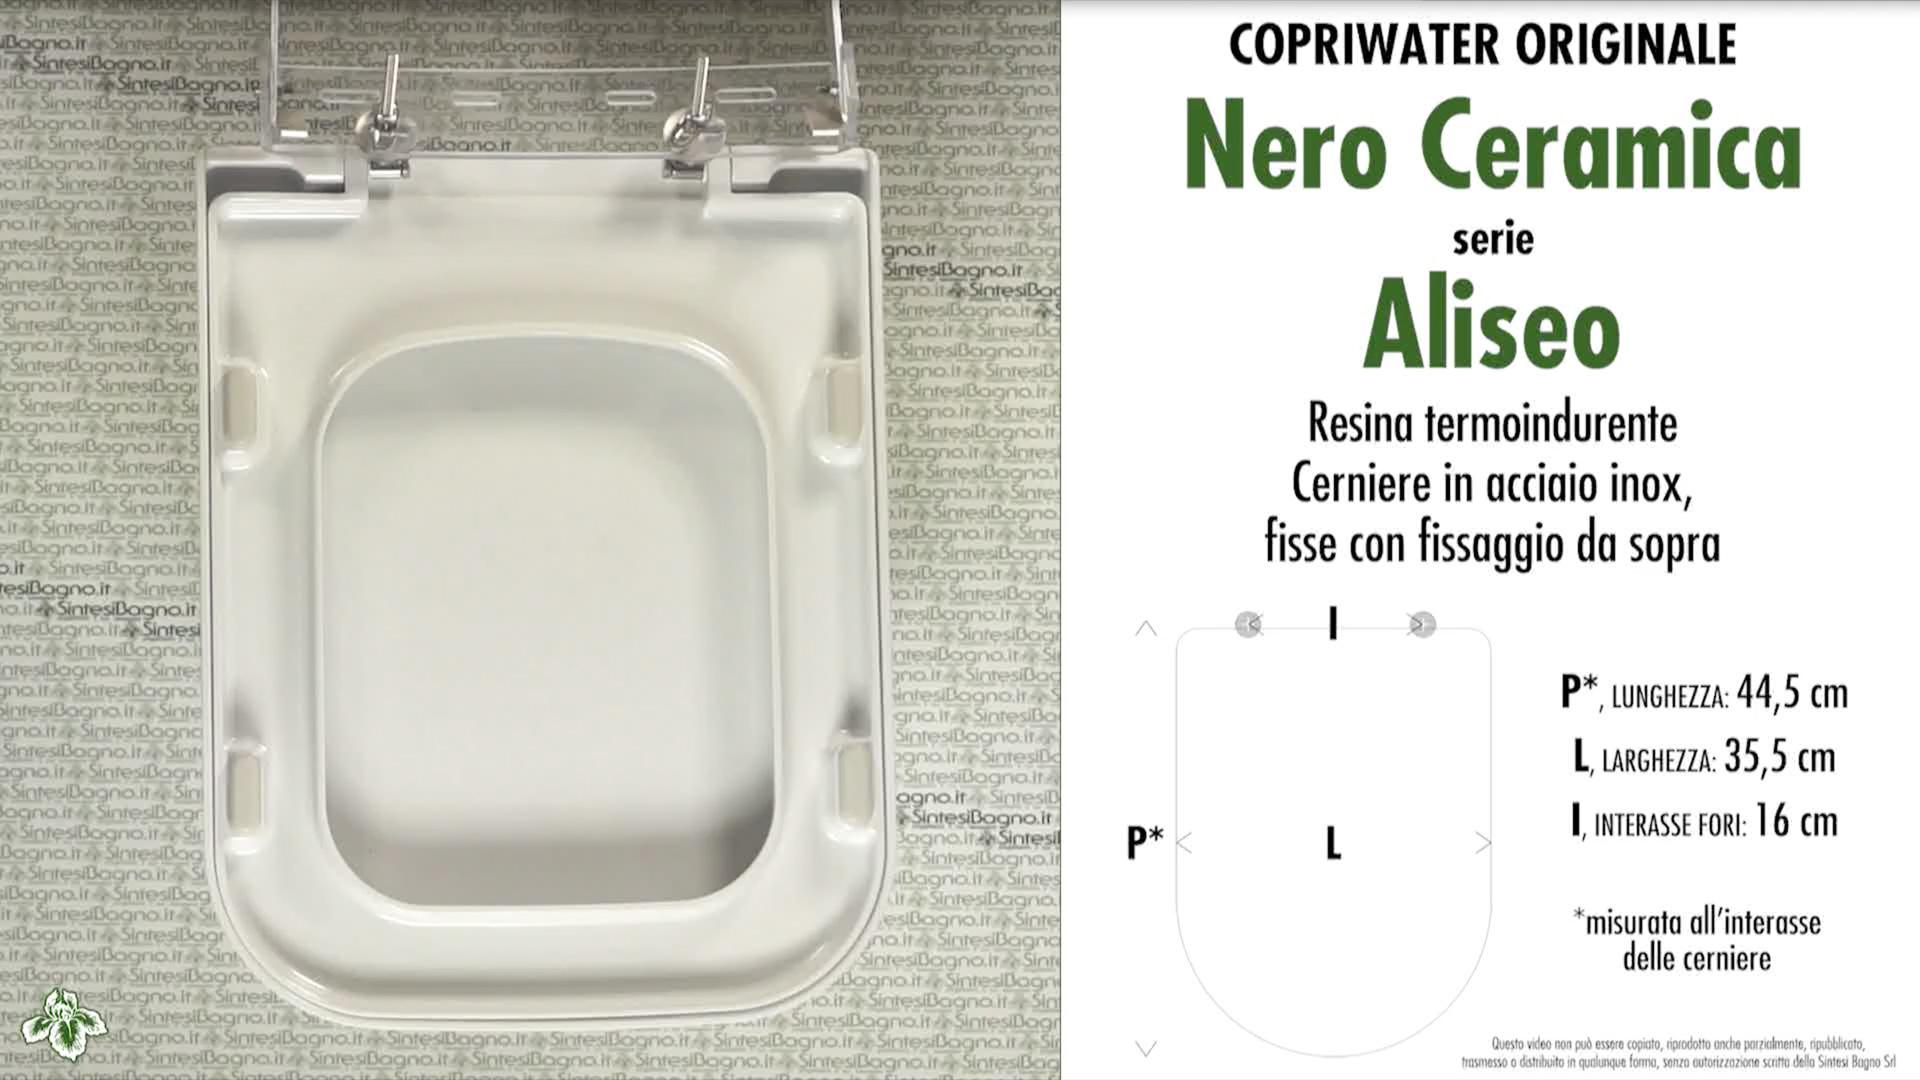 Schede tecniche Nero Ceramica Aliseo